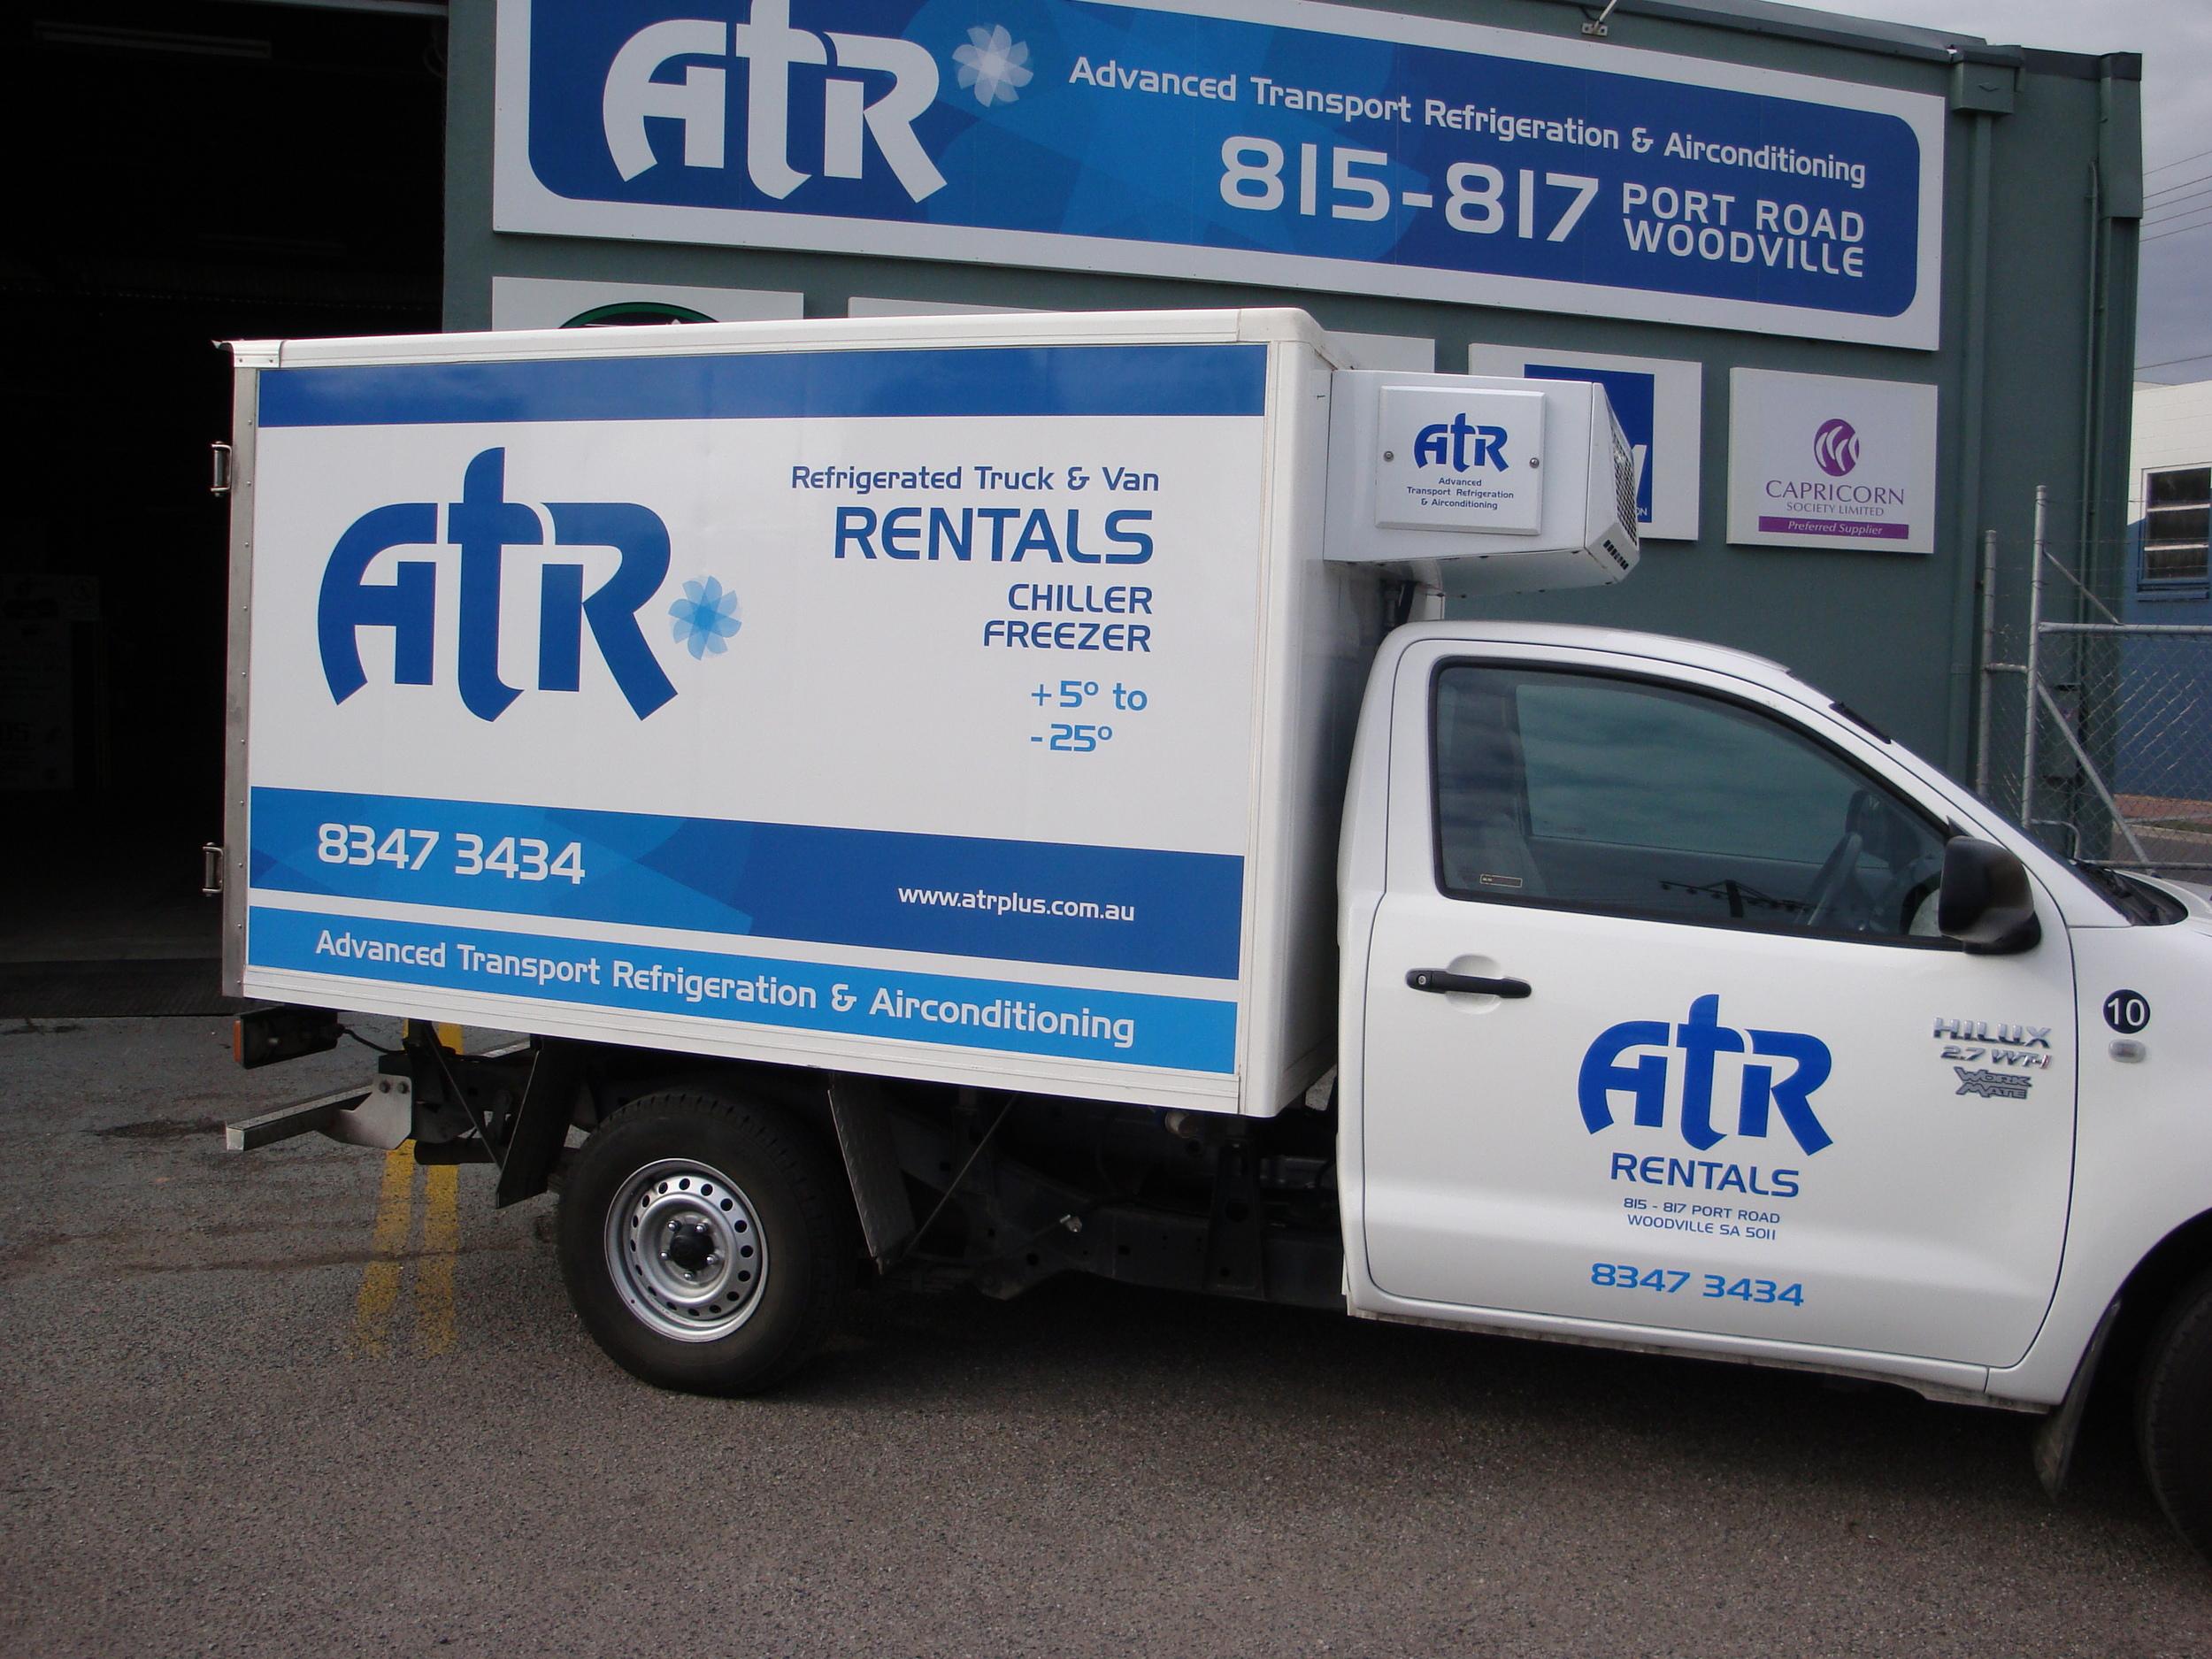 Rental Vehicle 003.jpg